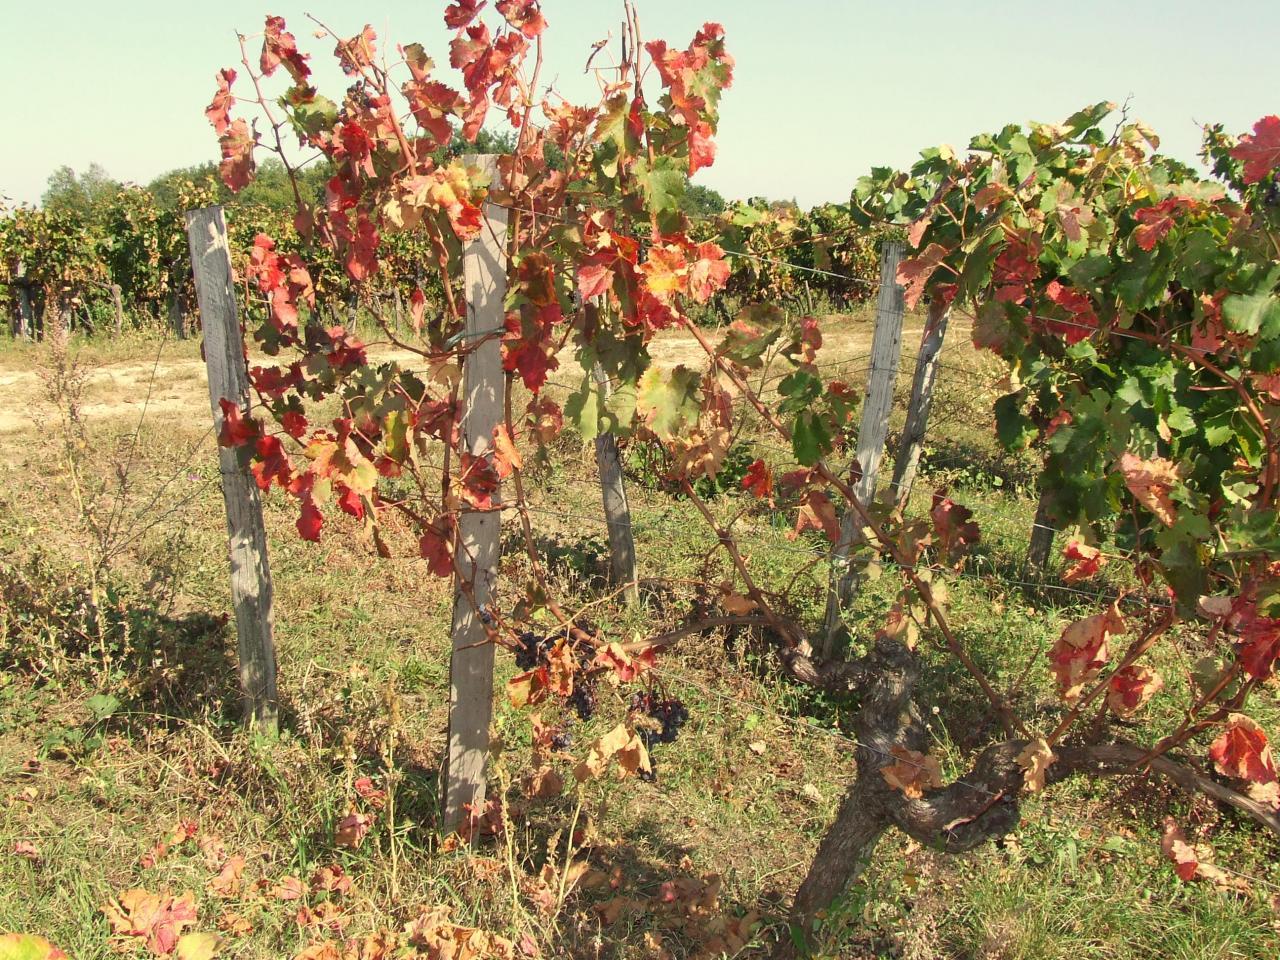 Saint-Aignan, une vigne après les vendanges